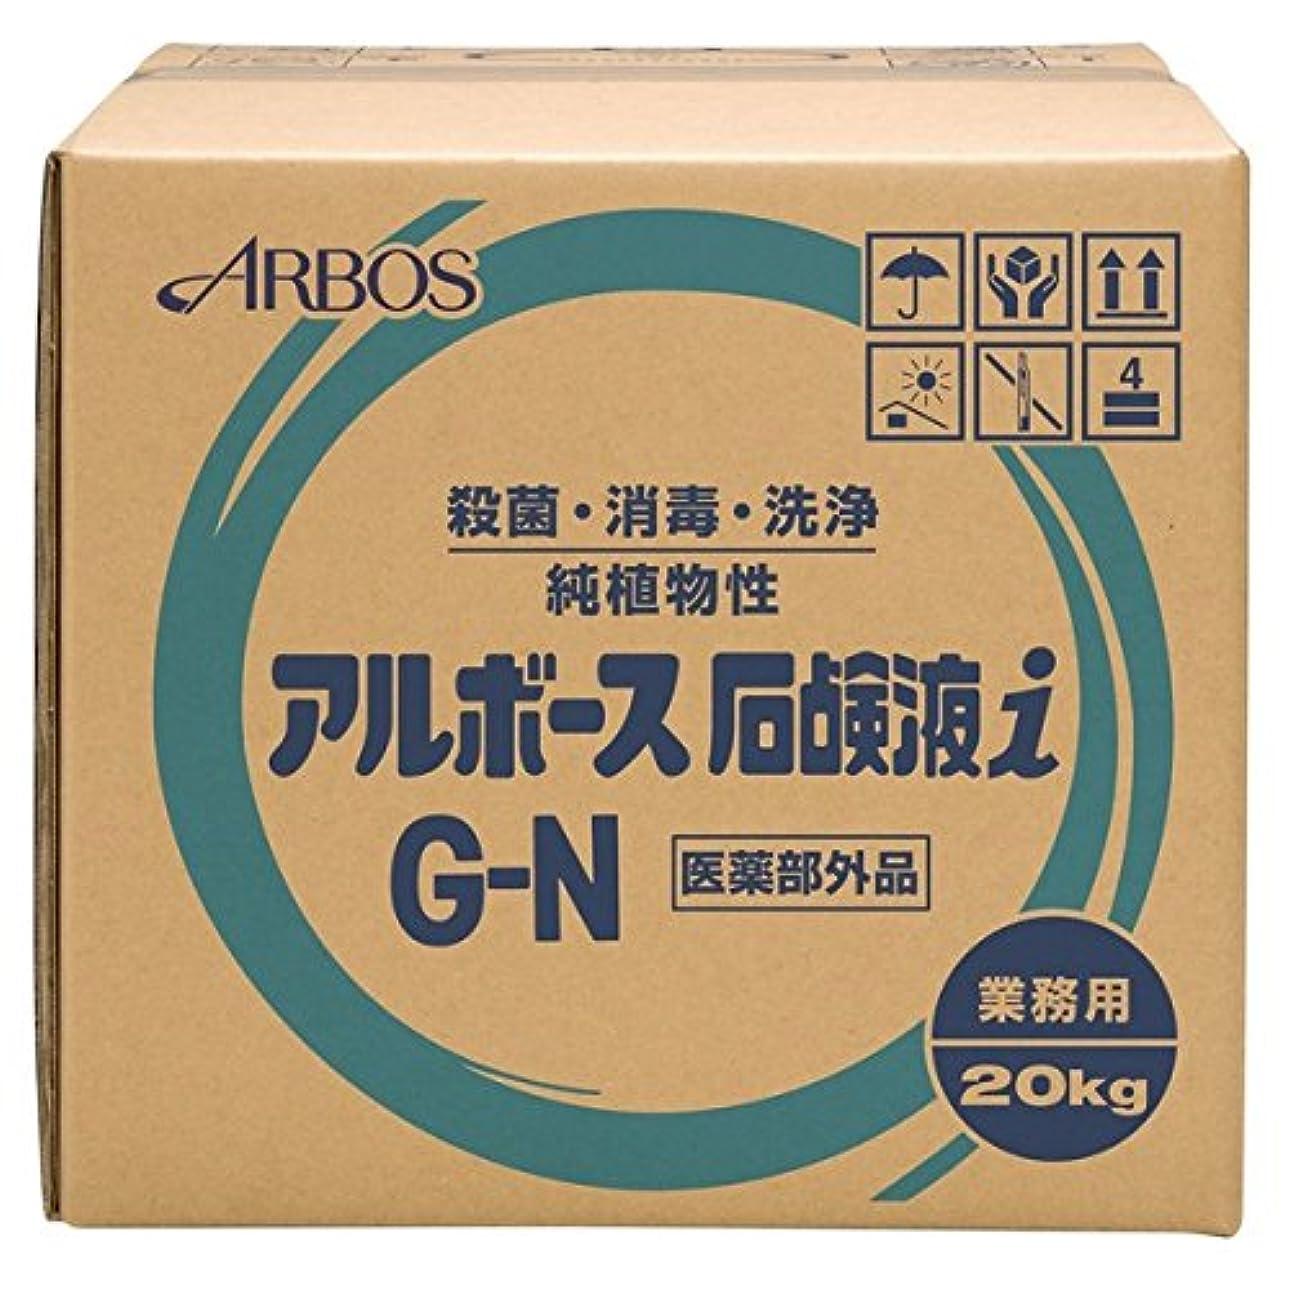 抵抗する暗殺フリースアルボース 薬用ハンドソープ アルボース石鹸液i G-N 濃縮タイプ 20kg